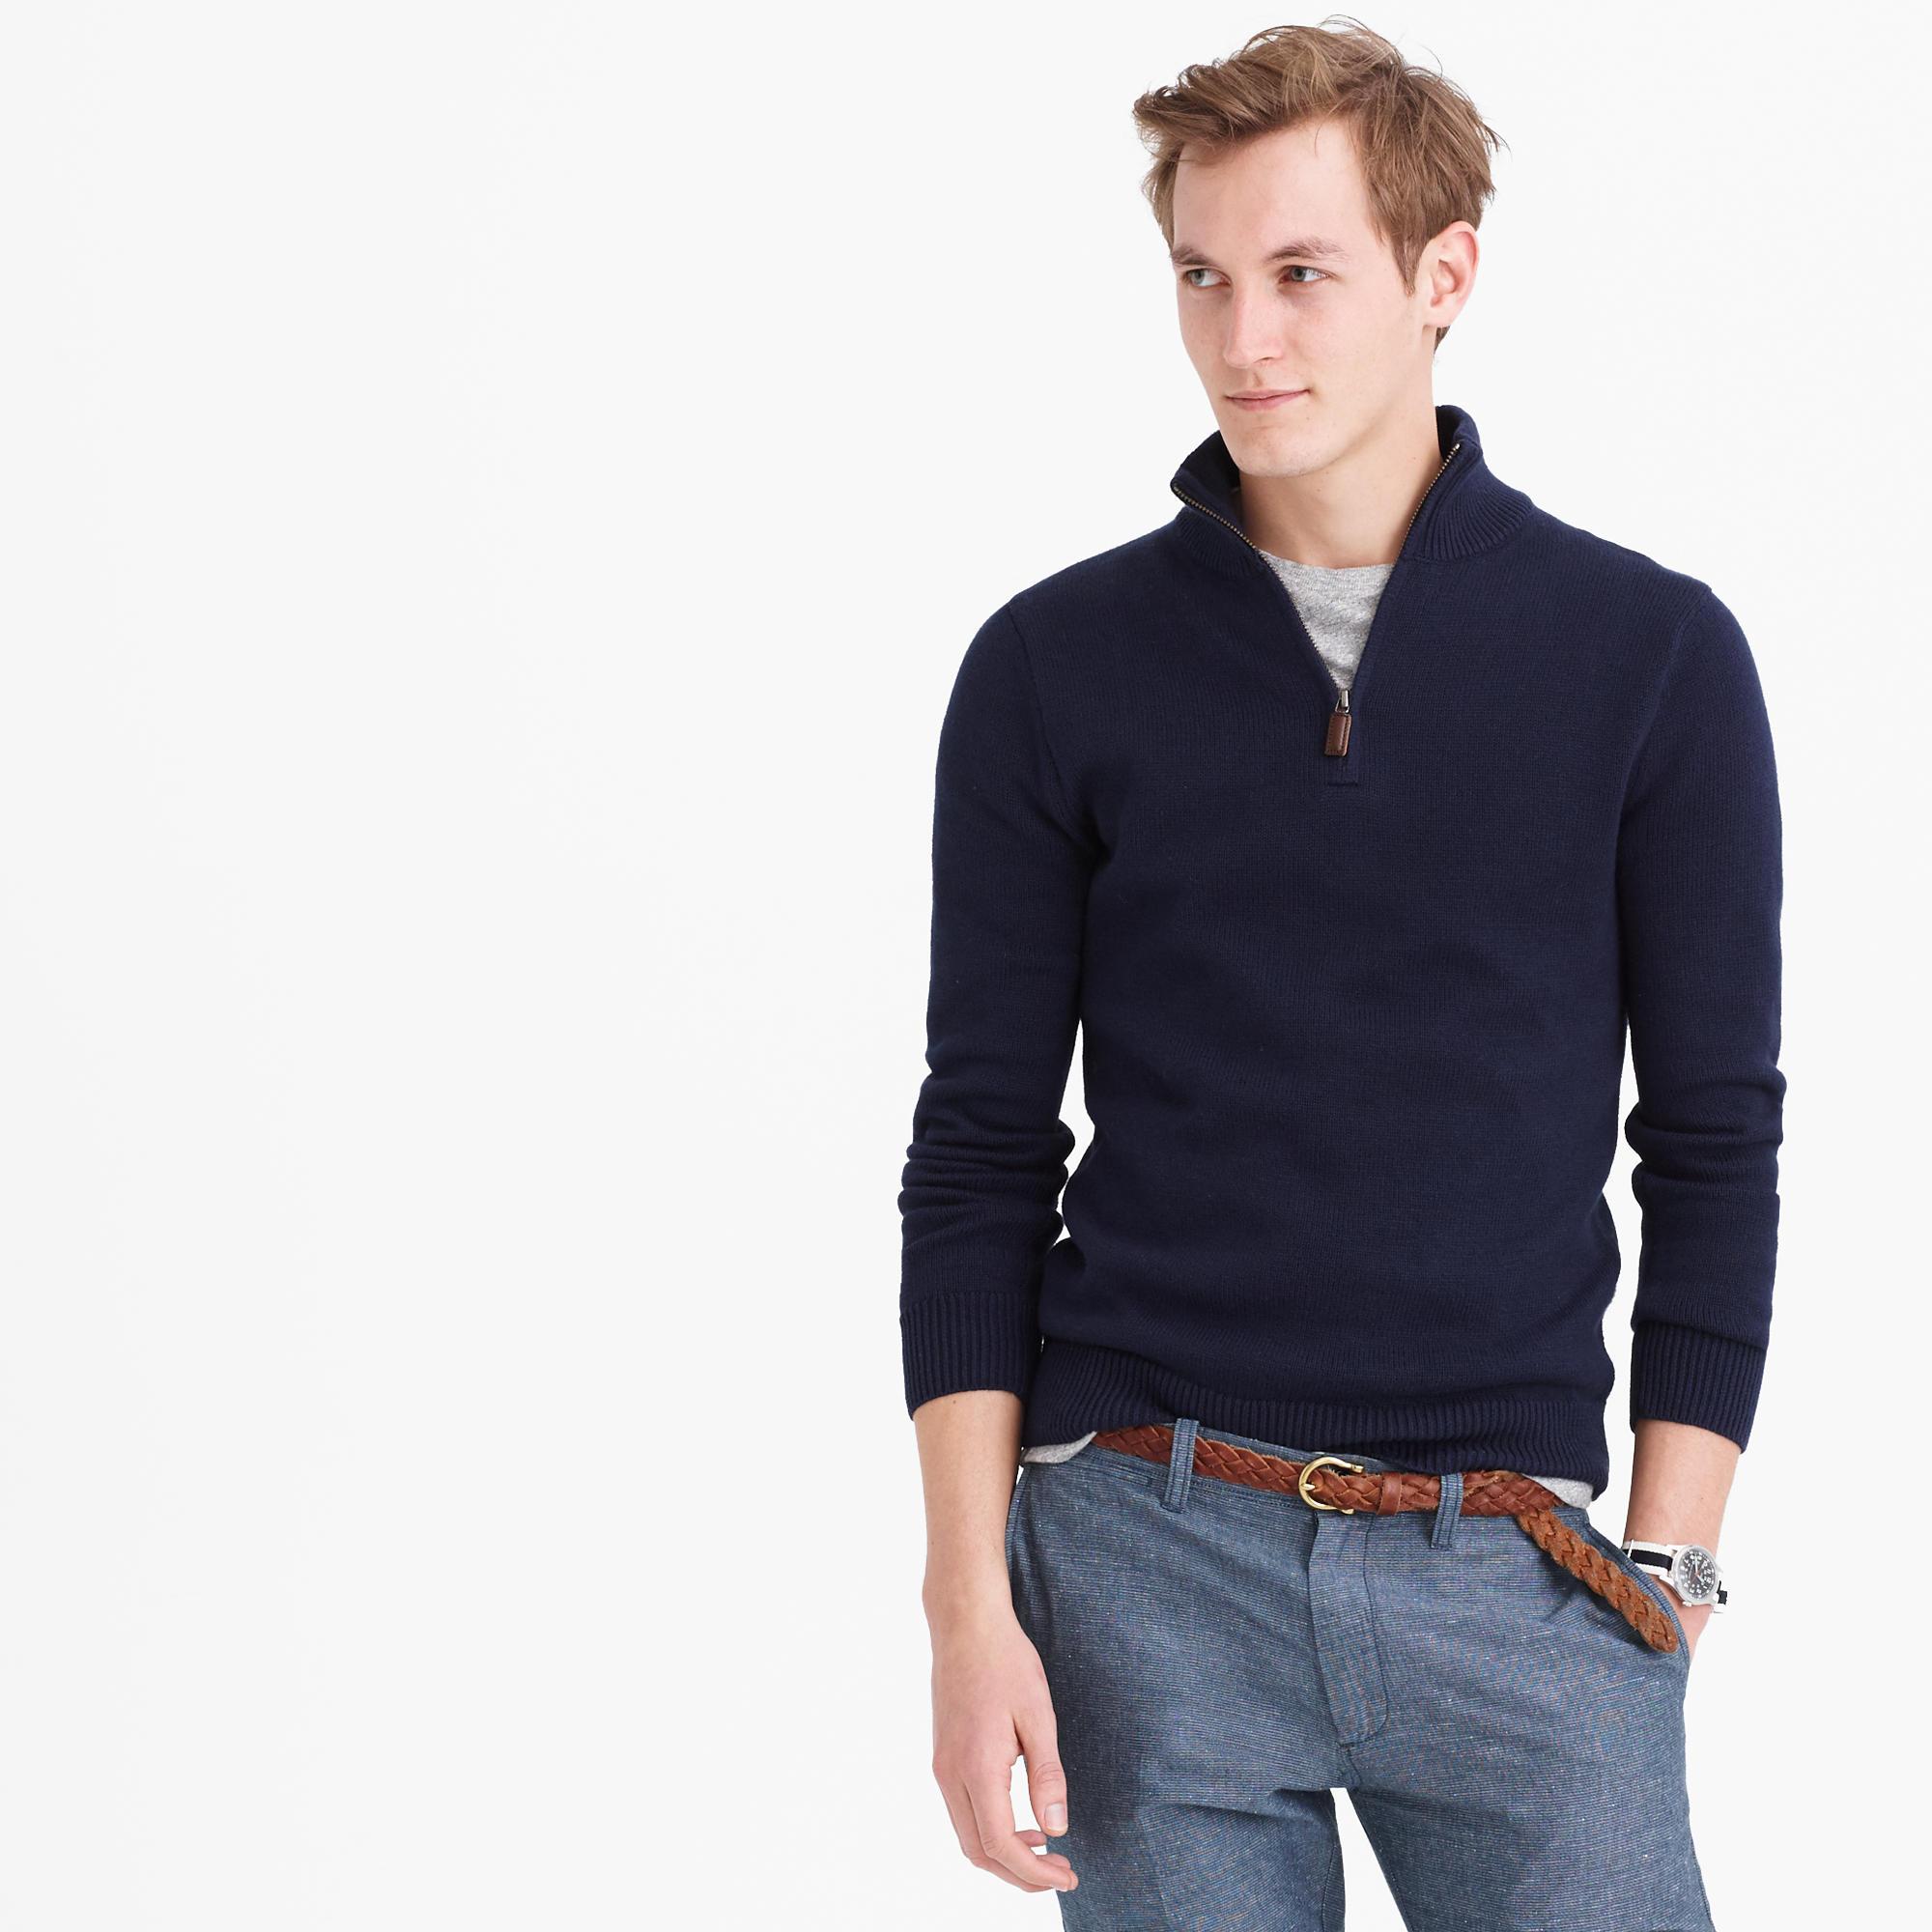 Zip Sweaters